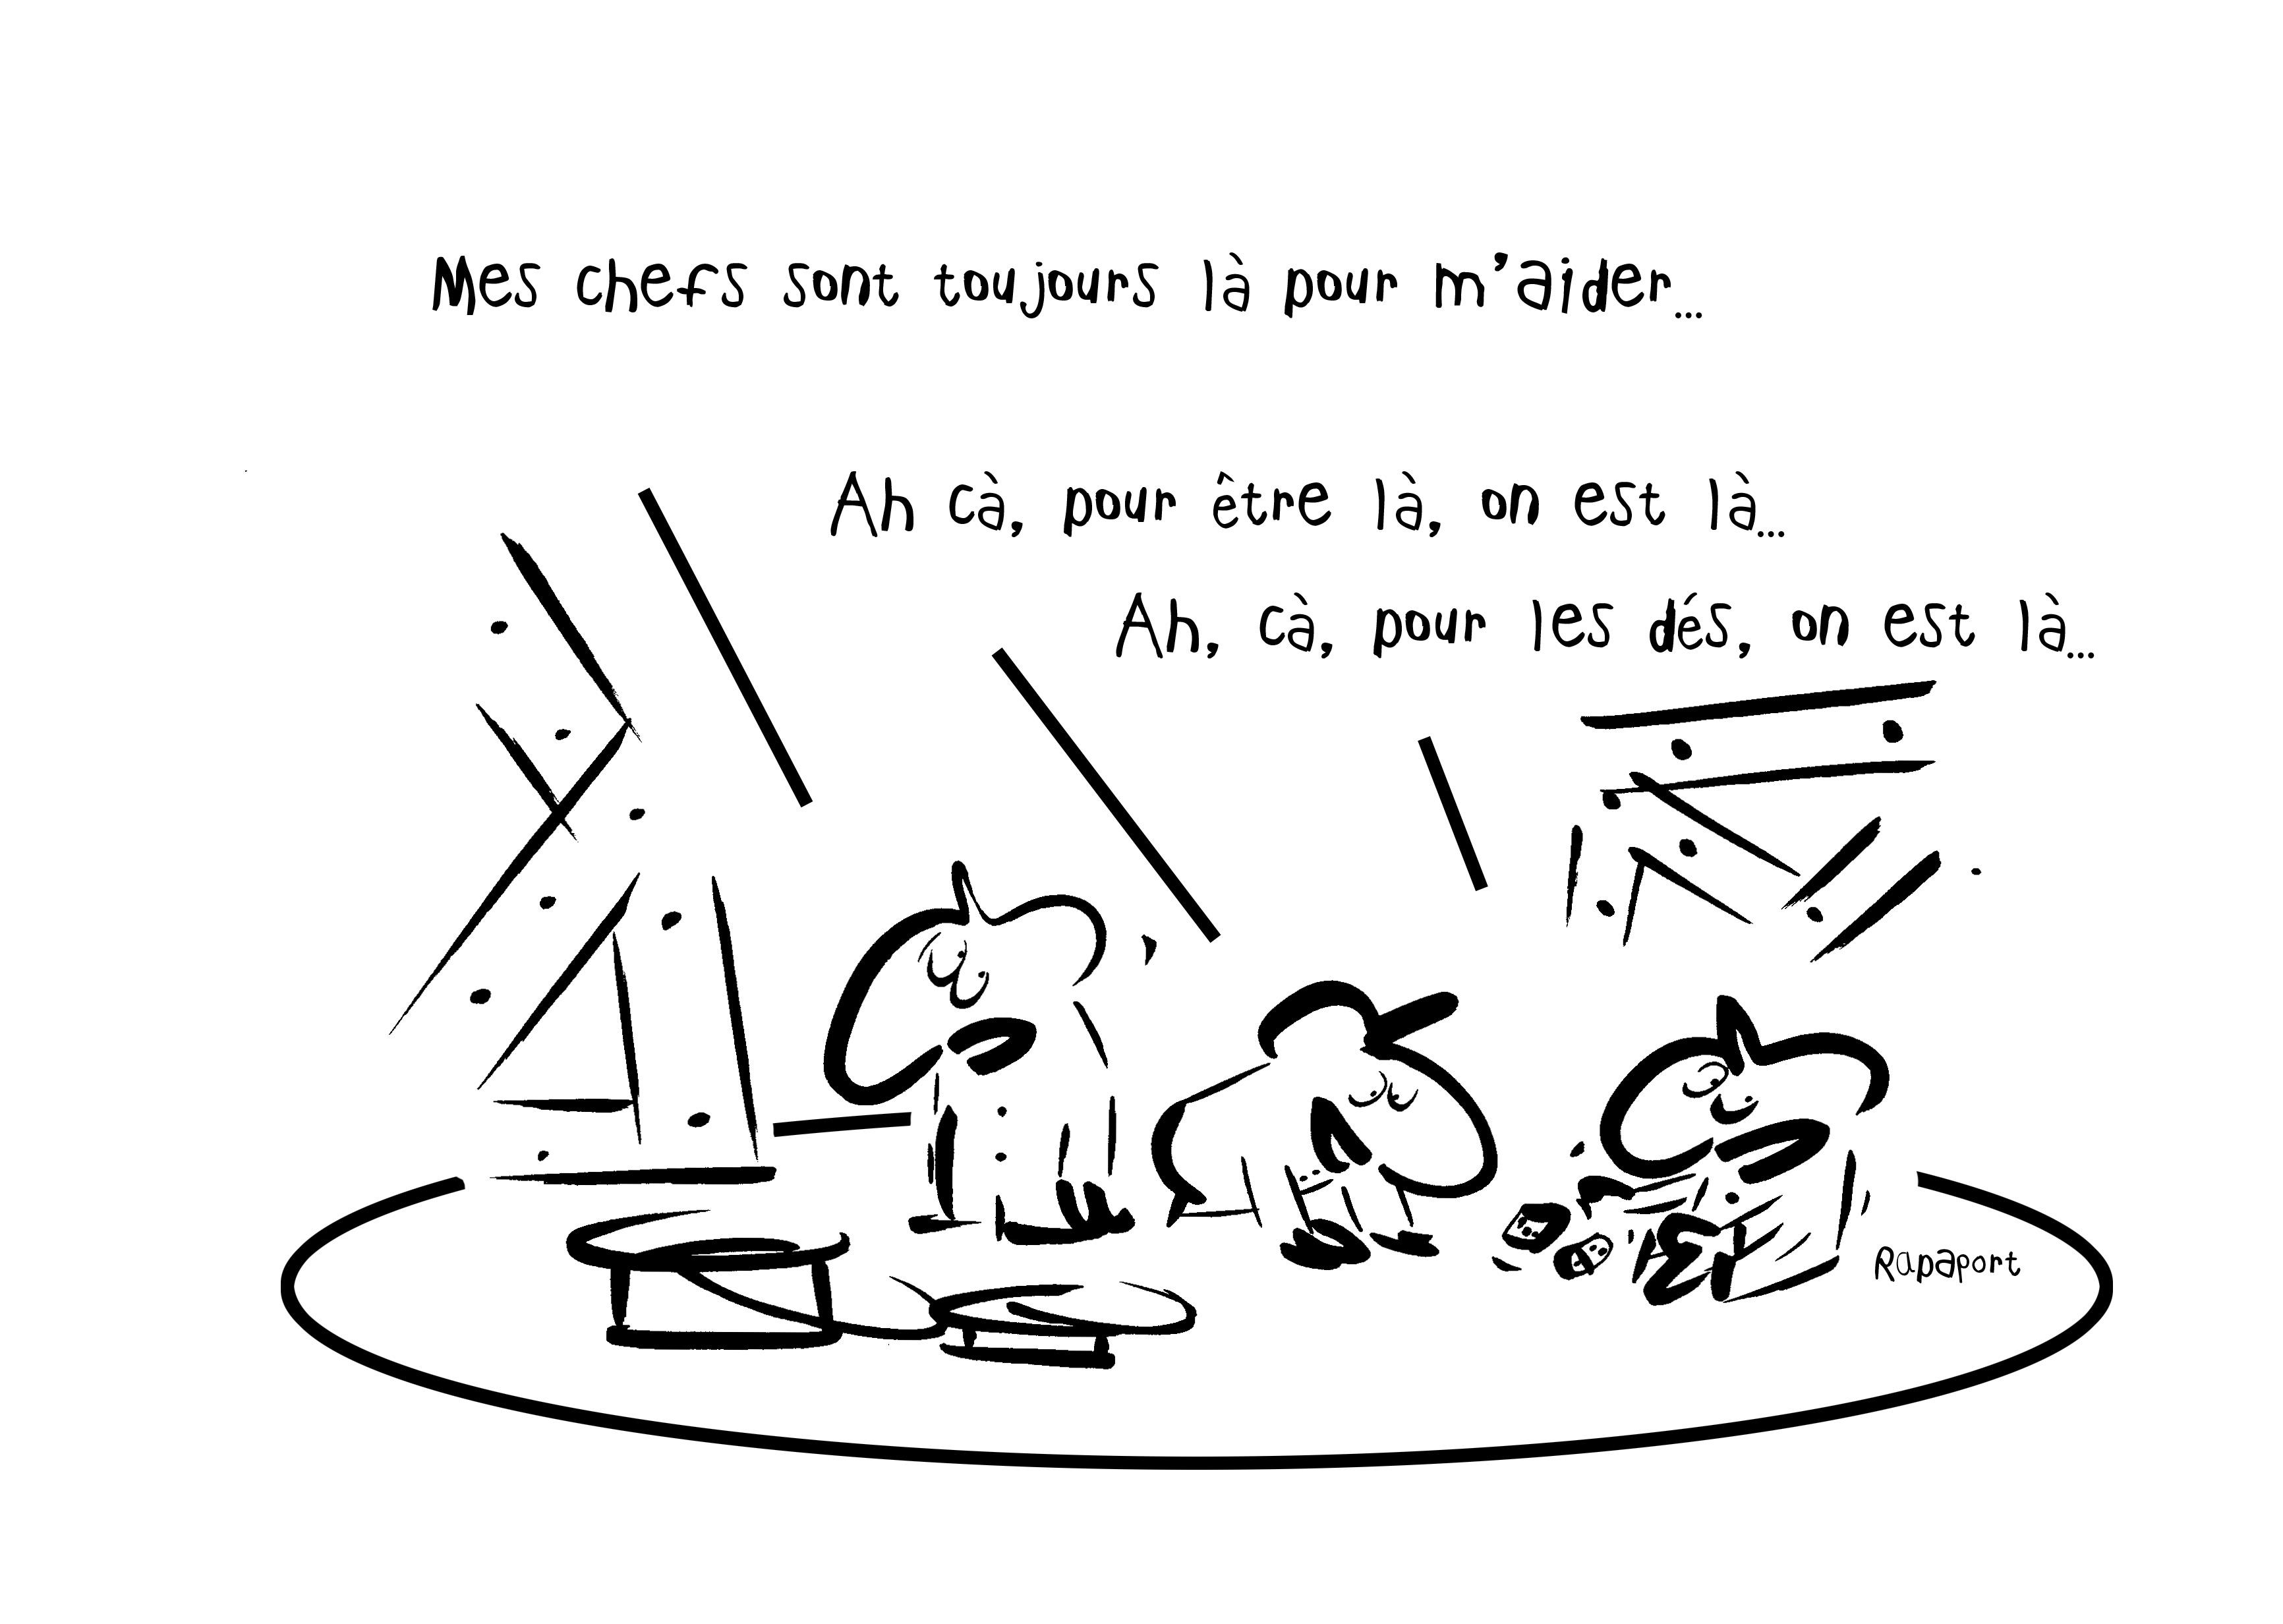 RAPAPORT DESSINS:BAROMÈTRE ENTREPRISE55